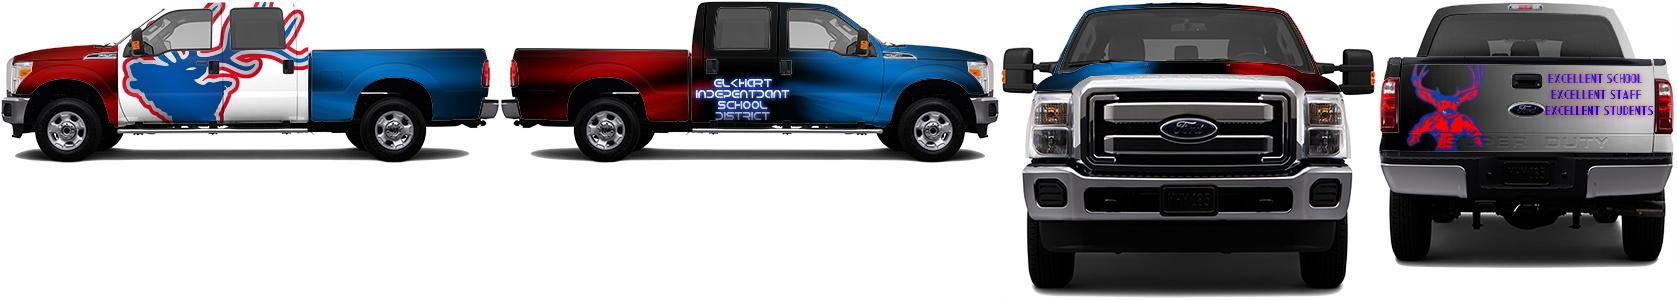 Truck Wrap #49372